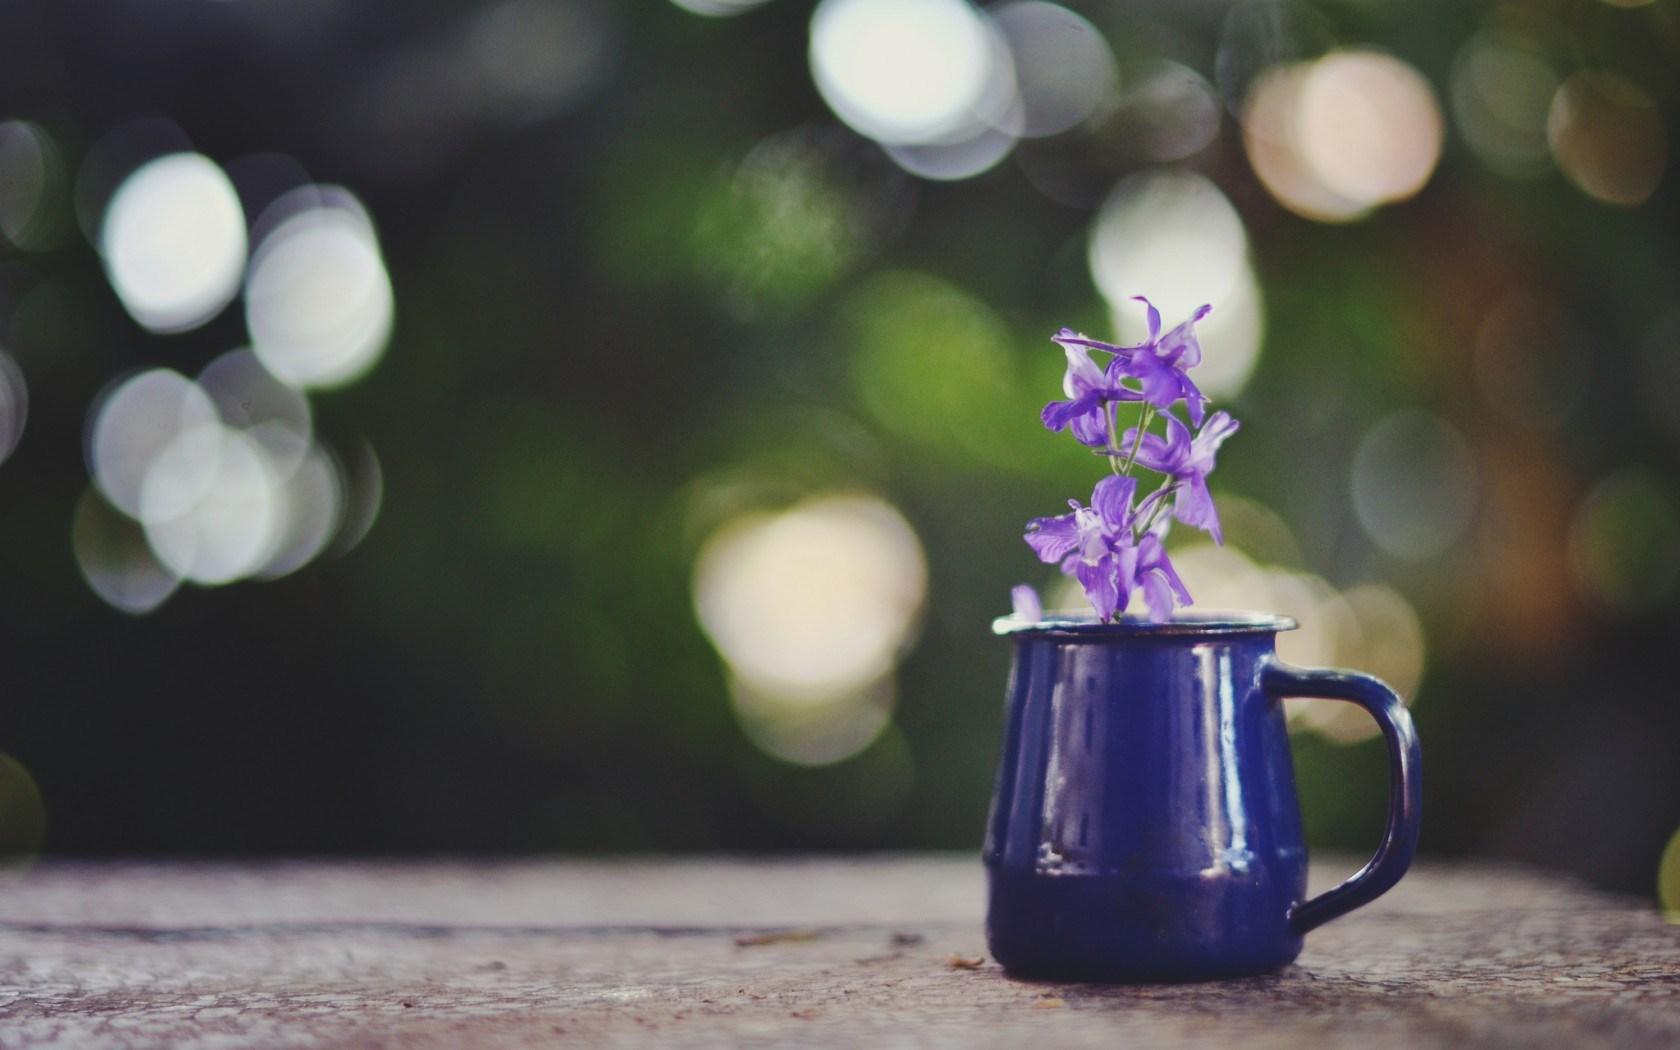 purple flowers A7